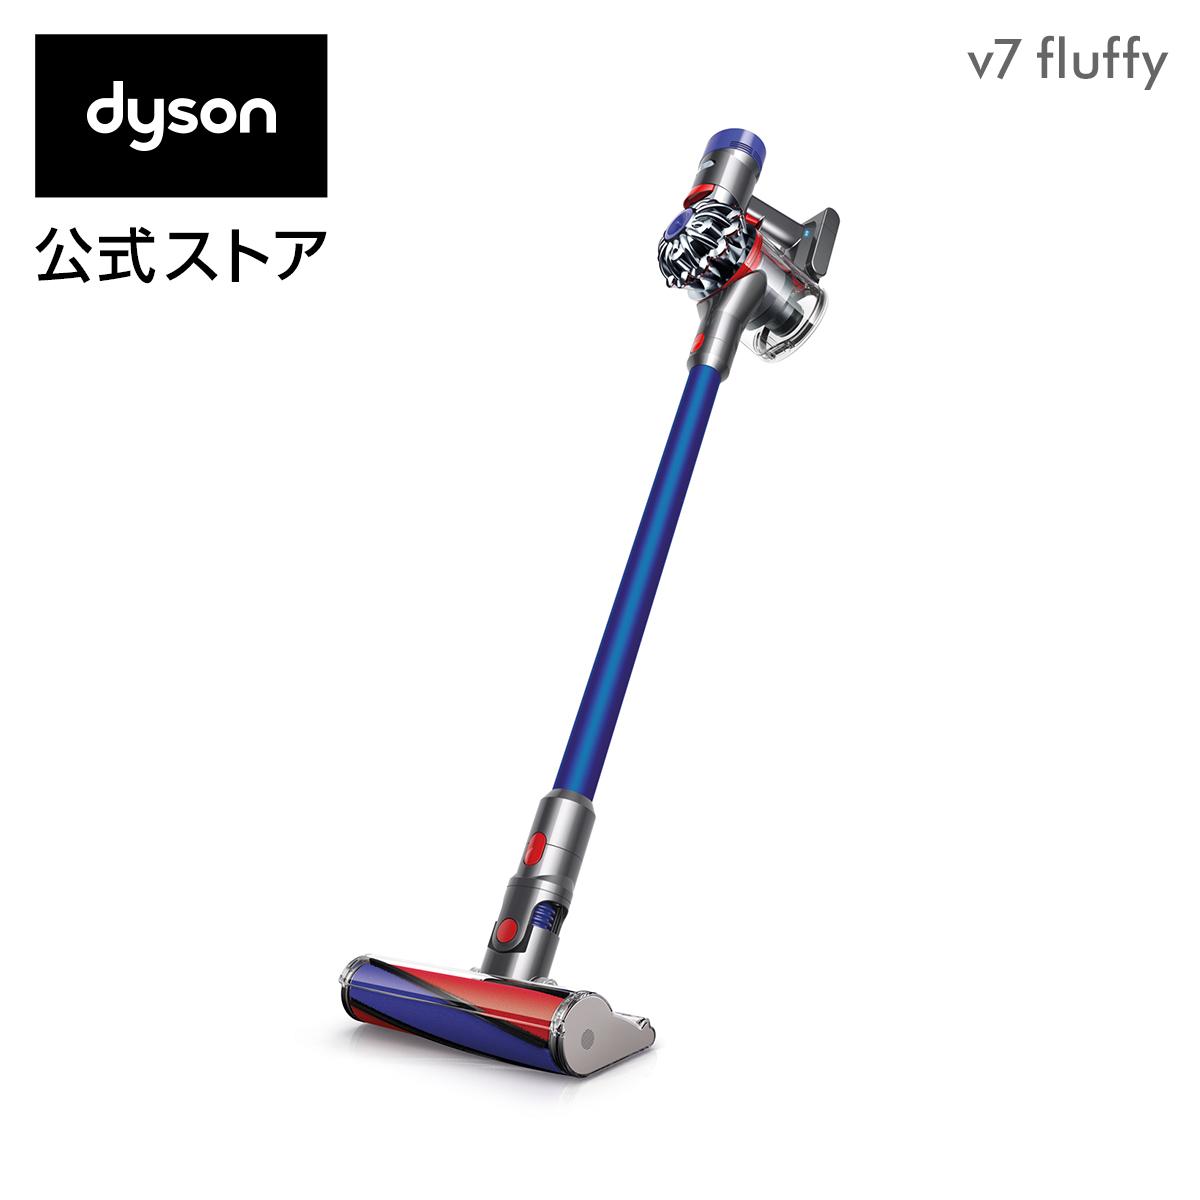 ダイソン Dyson V7 Fluffy サイクロン式 コードレス掃除機 dyson SV11FF2 2018年モデル